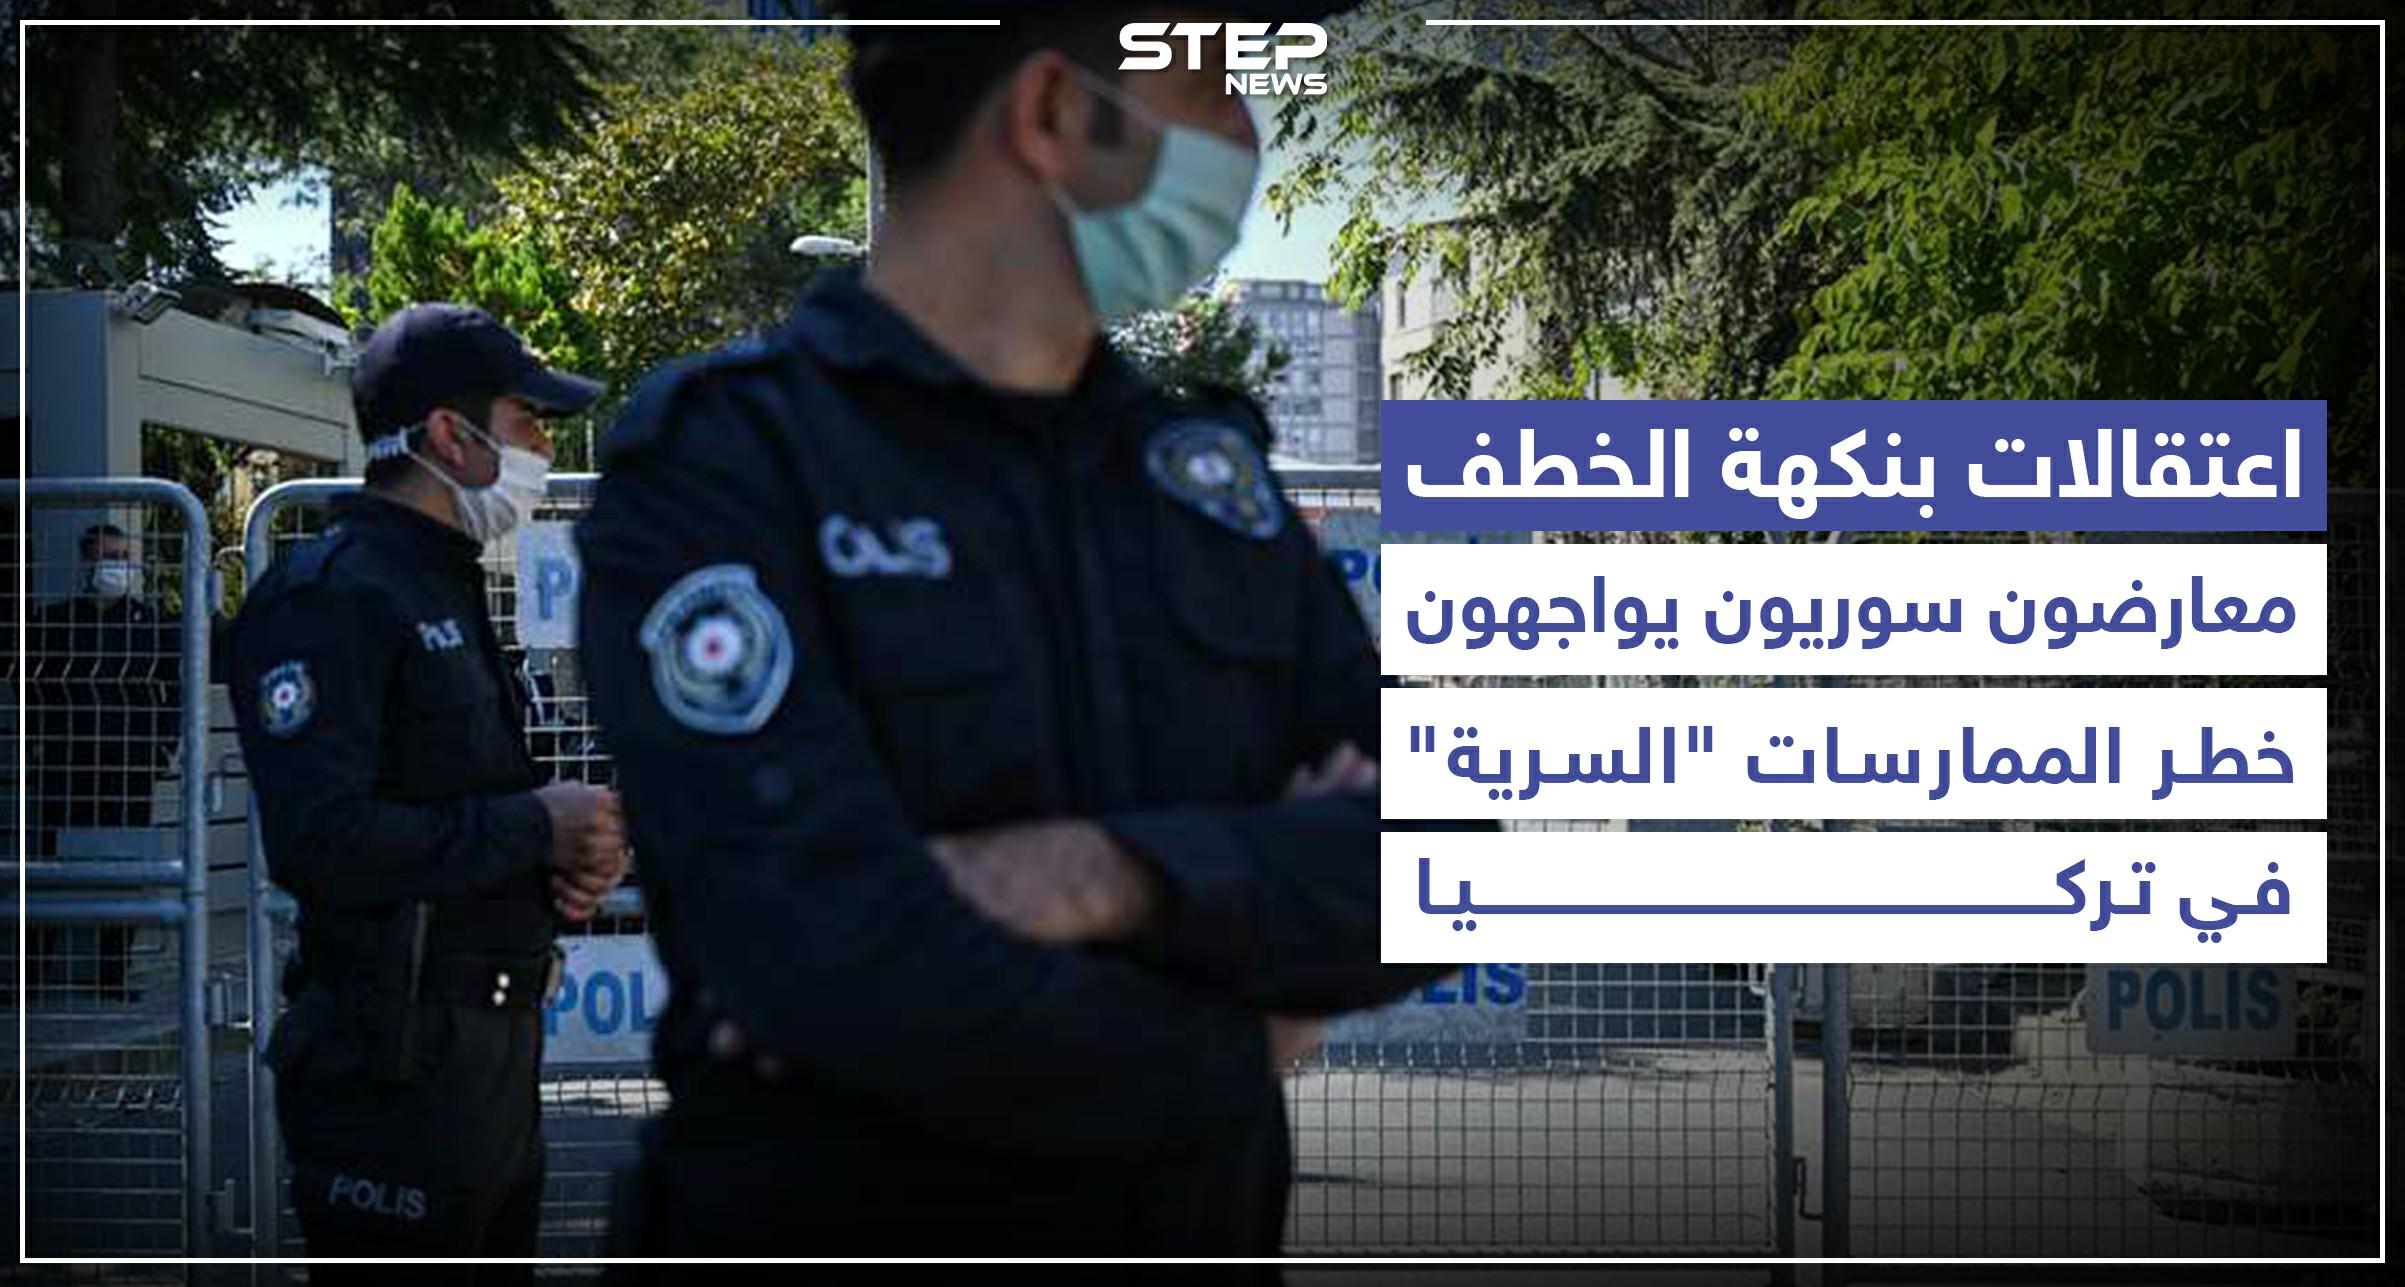 """معارضون سوريون يواجهون خطر الممارسات """"السرية"""" في تركيا"""